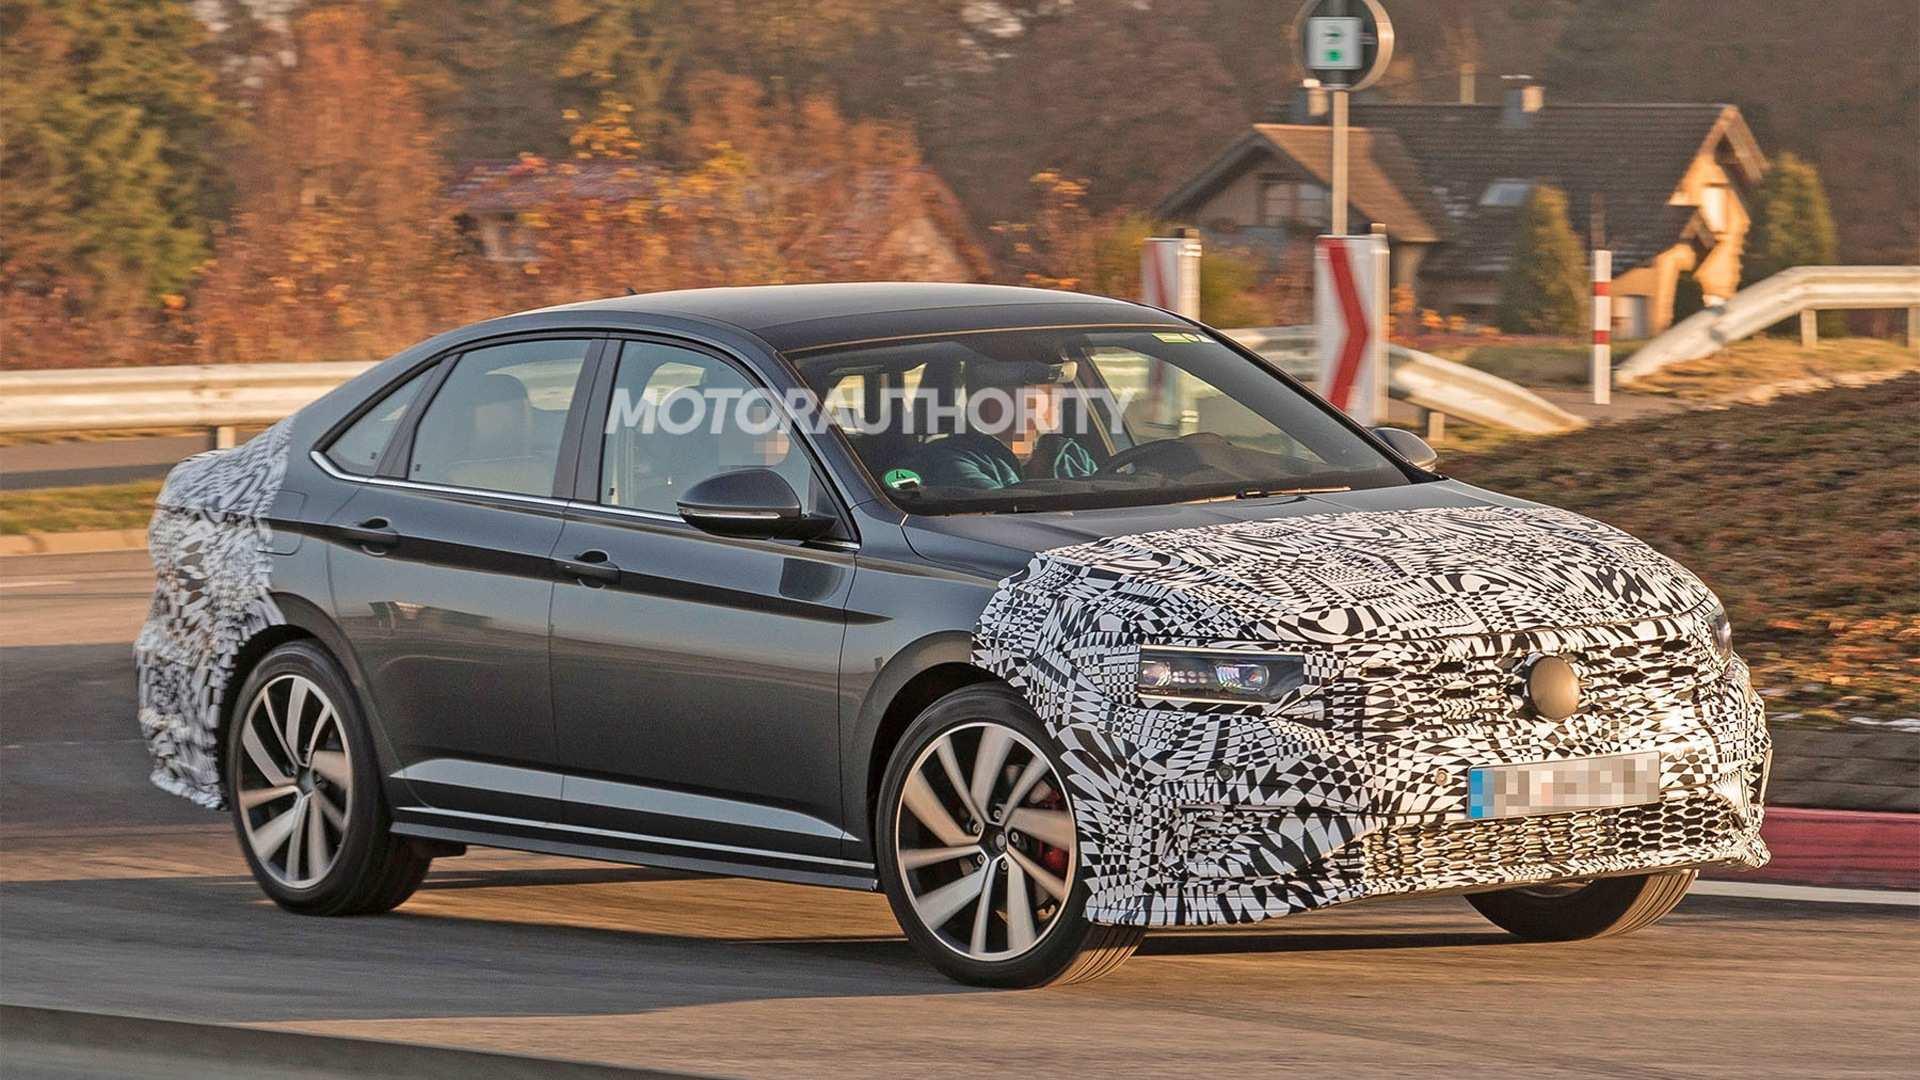 53 All New 2020 Volkswagen Jettas Release Date for 2020 Volkswagen Jettas